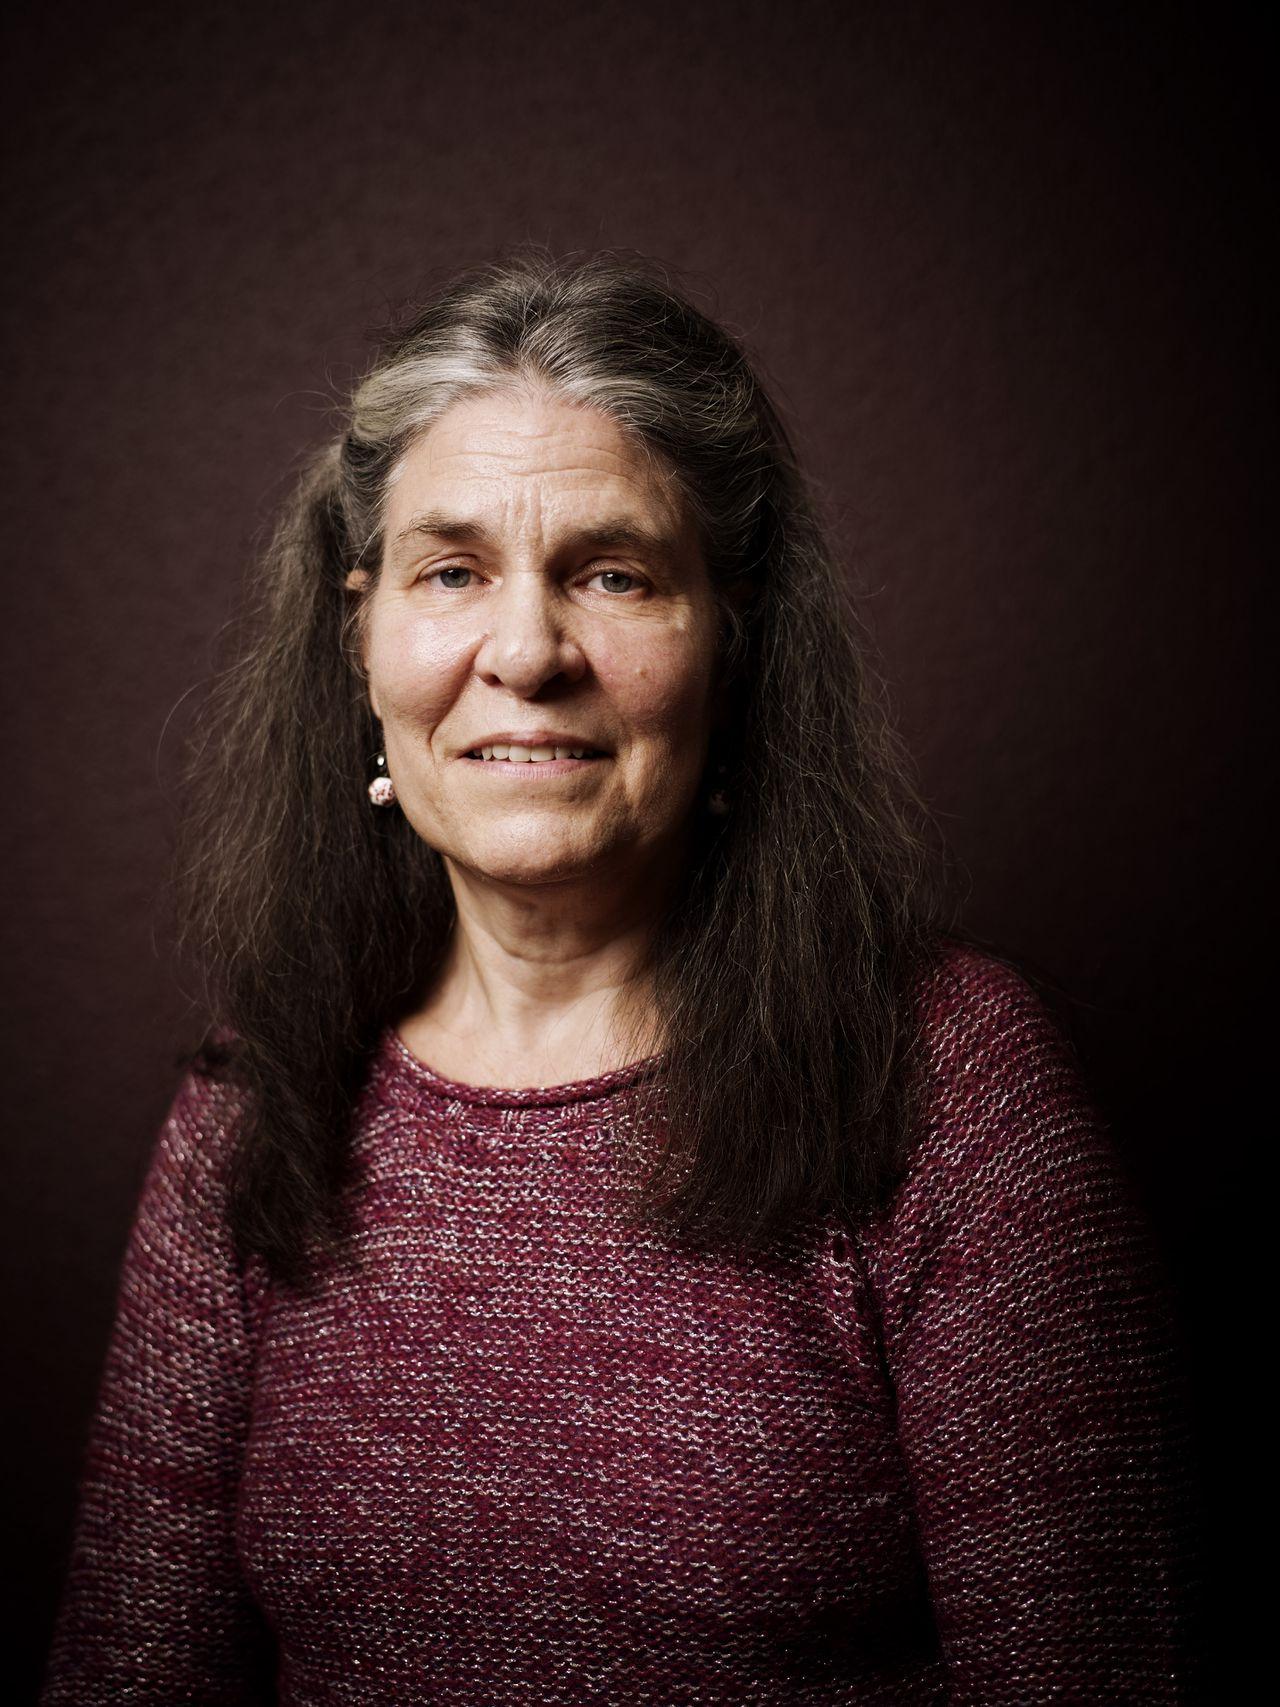 Nederland, Zoetermeer, 13-11-2012 Reina Dokter vertaalster van het Kroatisch, Servisch en Bosnisch PHOTO AND COPYRIGHT ROGER CREMERS